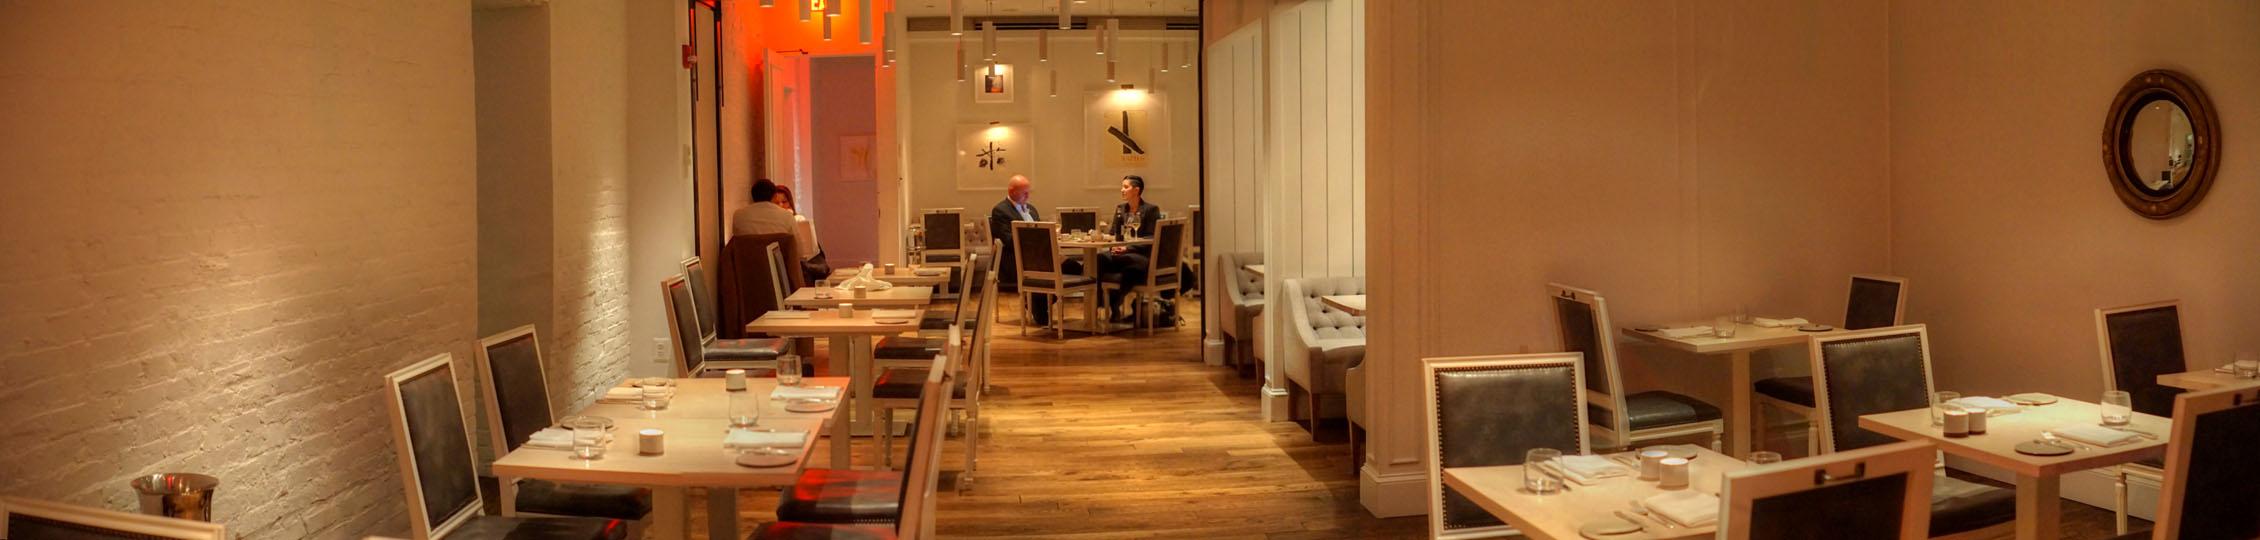 Kinship Dining Room